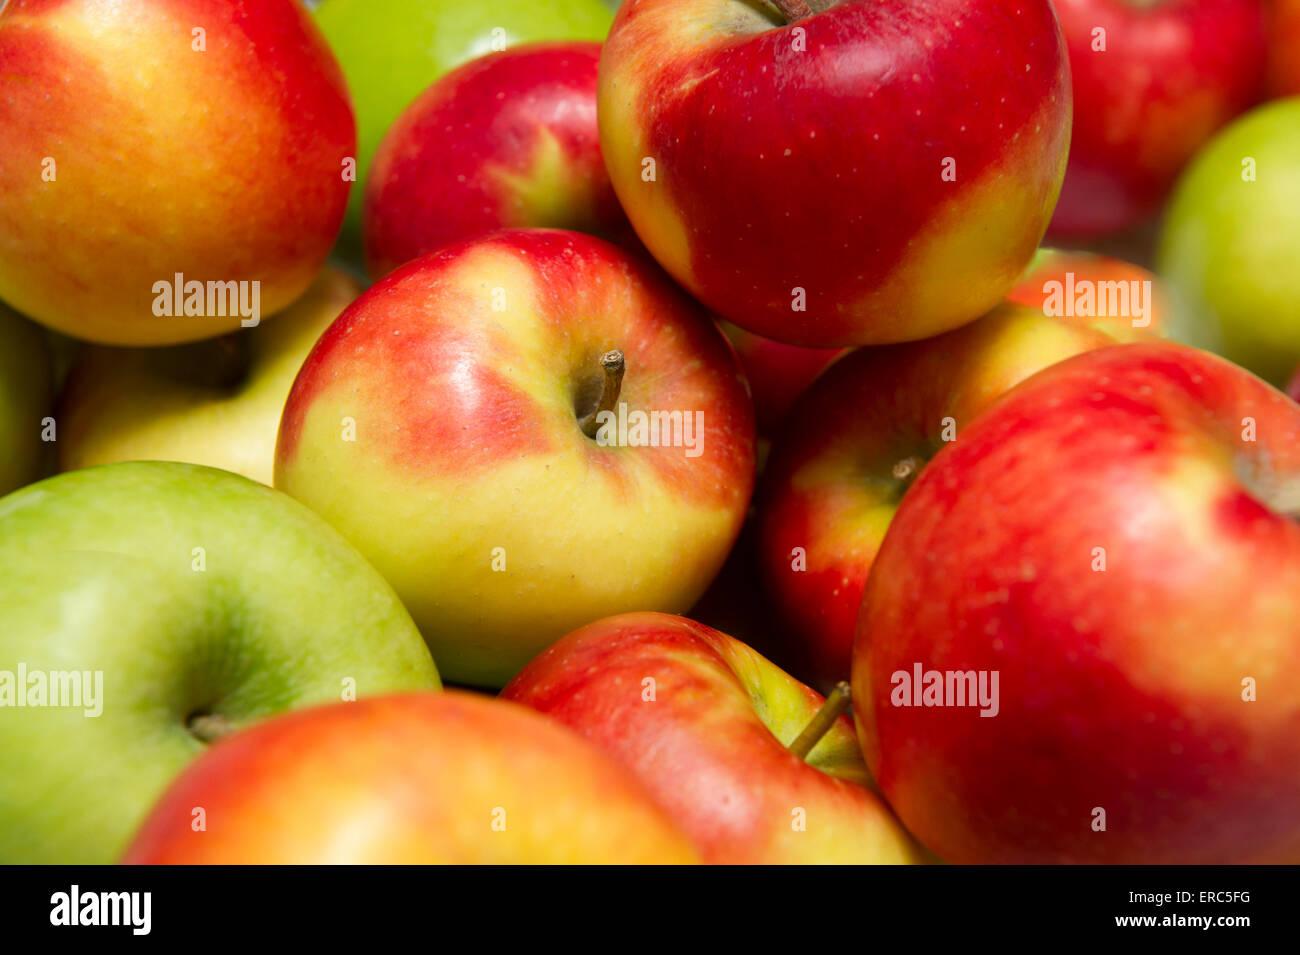 Frische Äpfel bereit für Verbrauch Stockbild